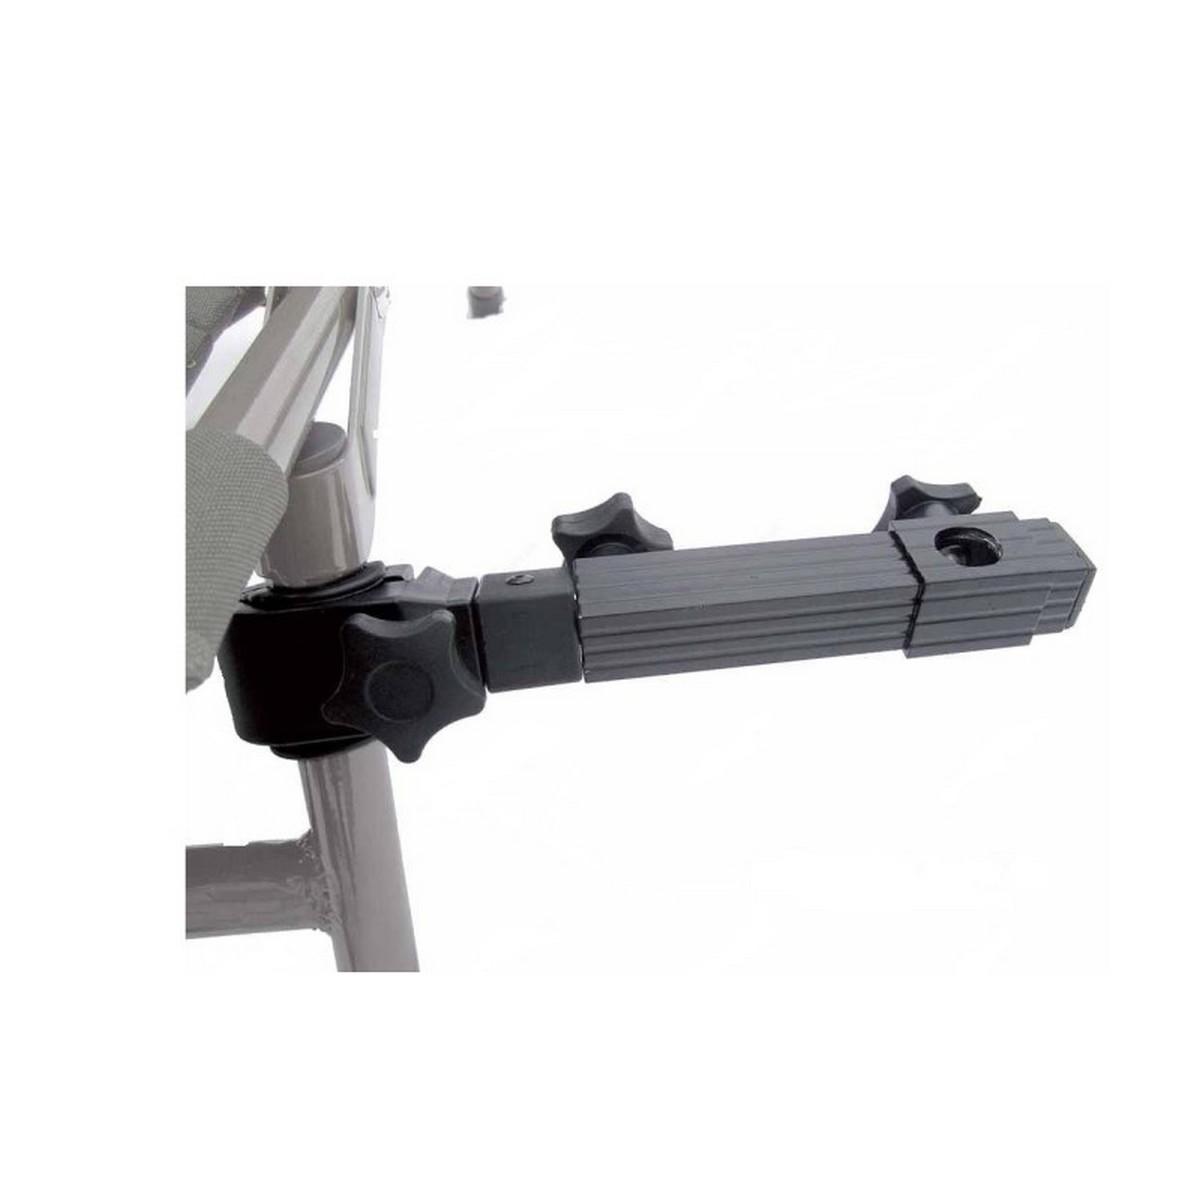 CZ Umbrella Arm - прикачна за платформа държач за чадър